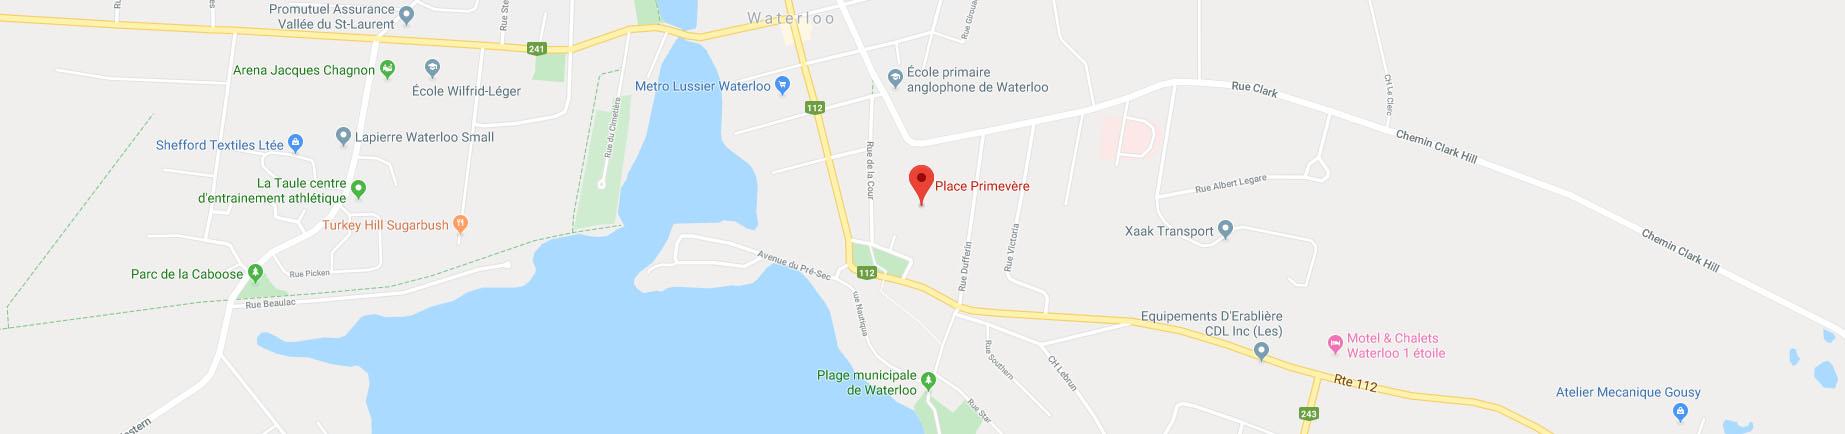 Place Primevère - Google Maps